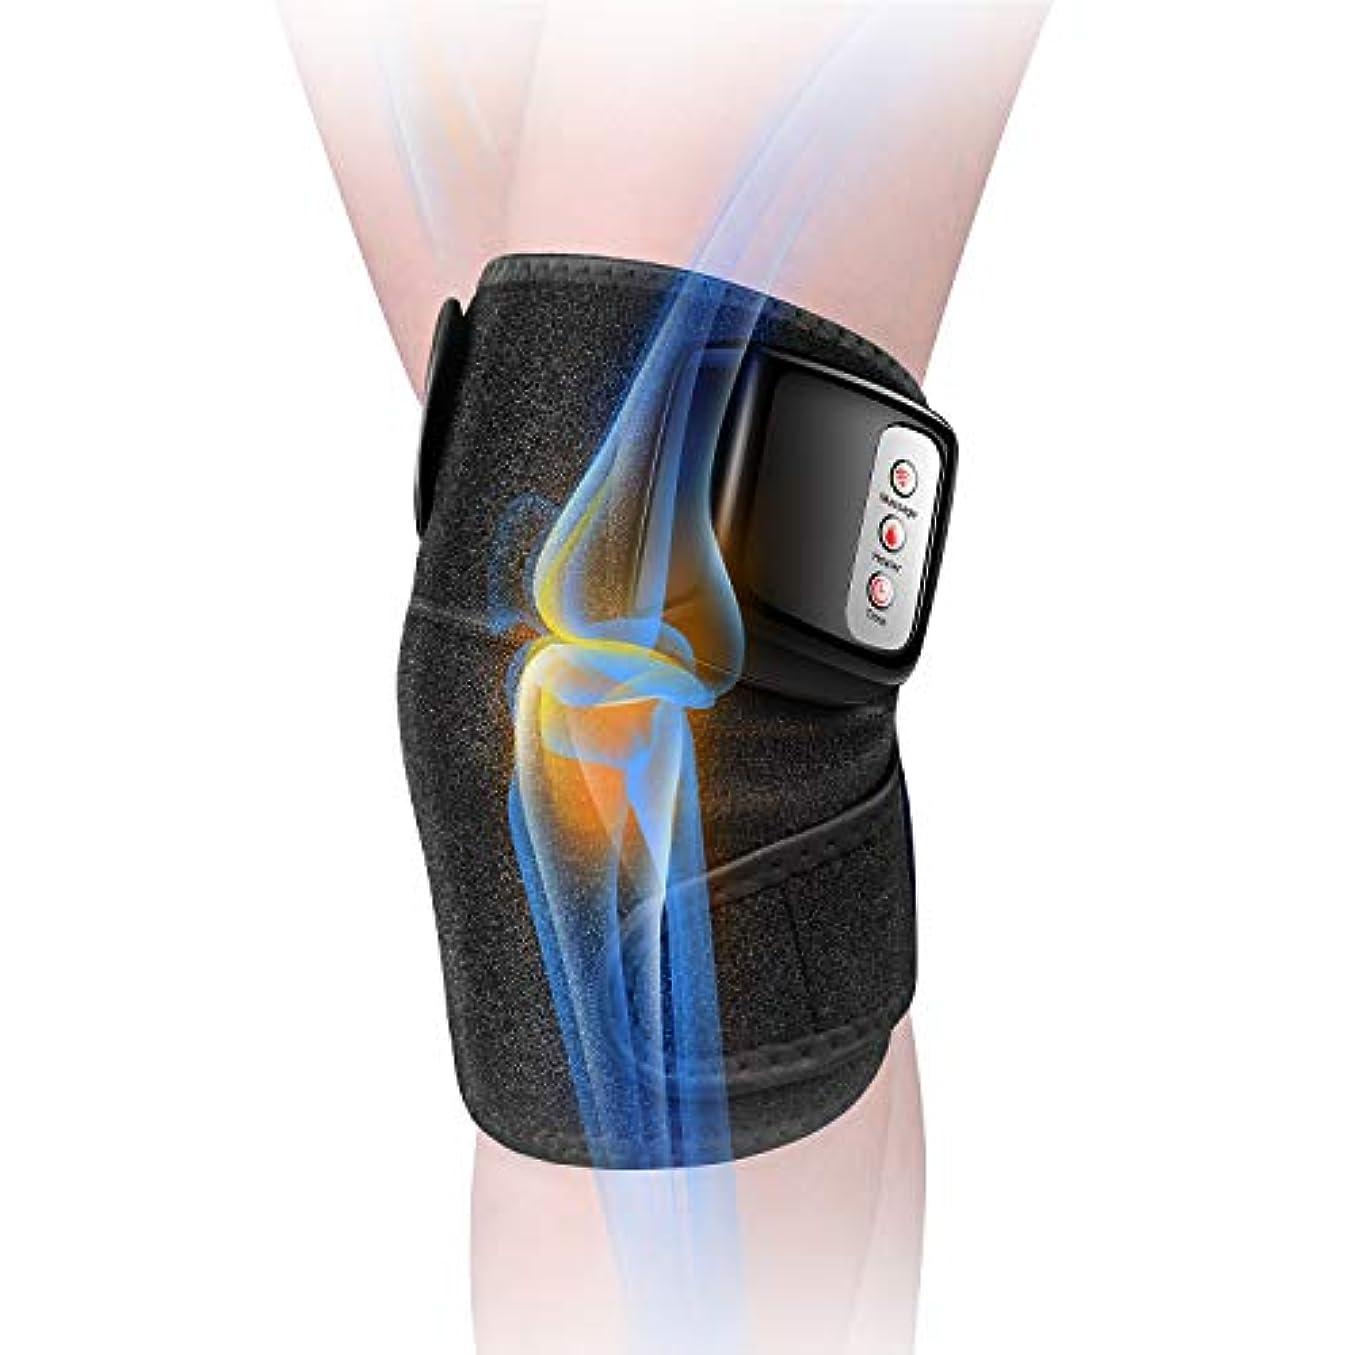 ふりをするウール理解する膝マッサージャー 関節マッサージャー マッサージ器 フットマッサージャー 振動 赤外線療法 温熱療法 膝サポーター ストレス解消 肩 太もも/腕対応